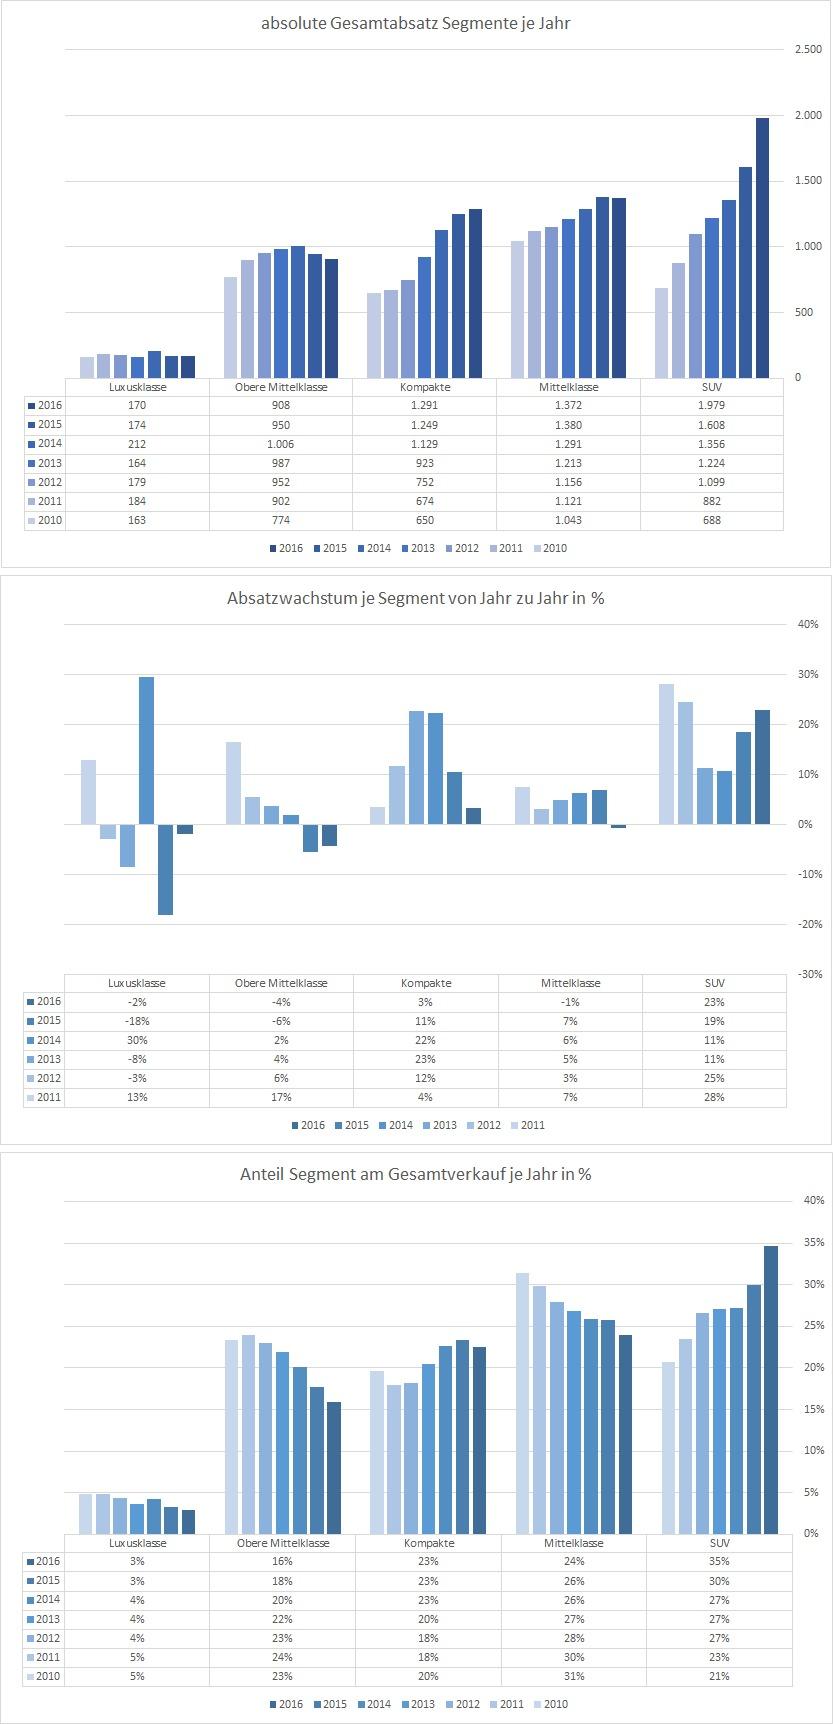 Absatzwachstum der Premium-Segmente von Audi, BMW und Mercedes Benz 2010 - 2016